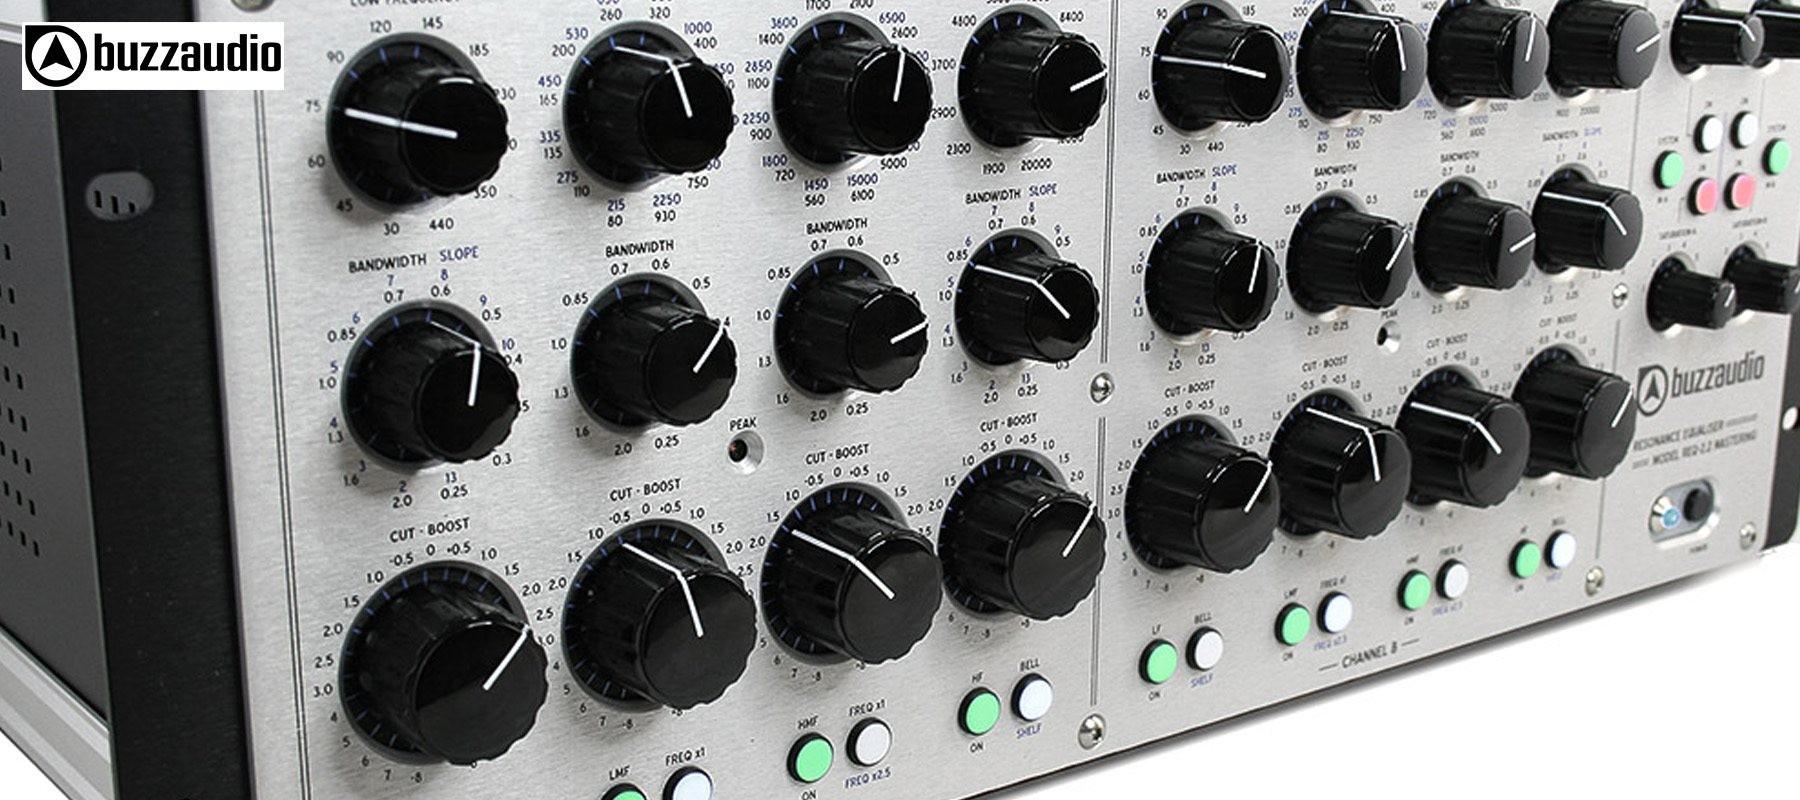 Buzz Audio REQ 2.2 - Gauche